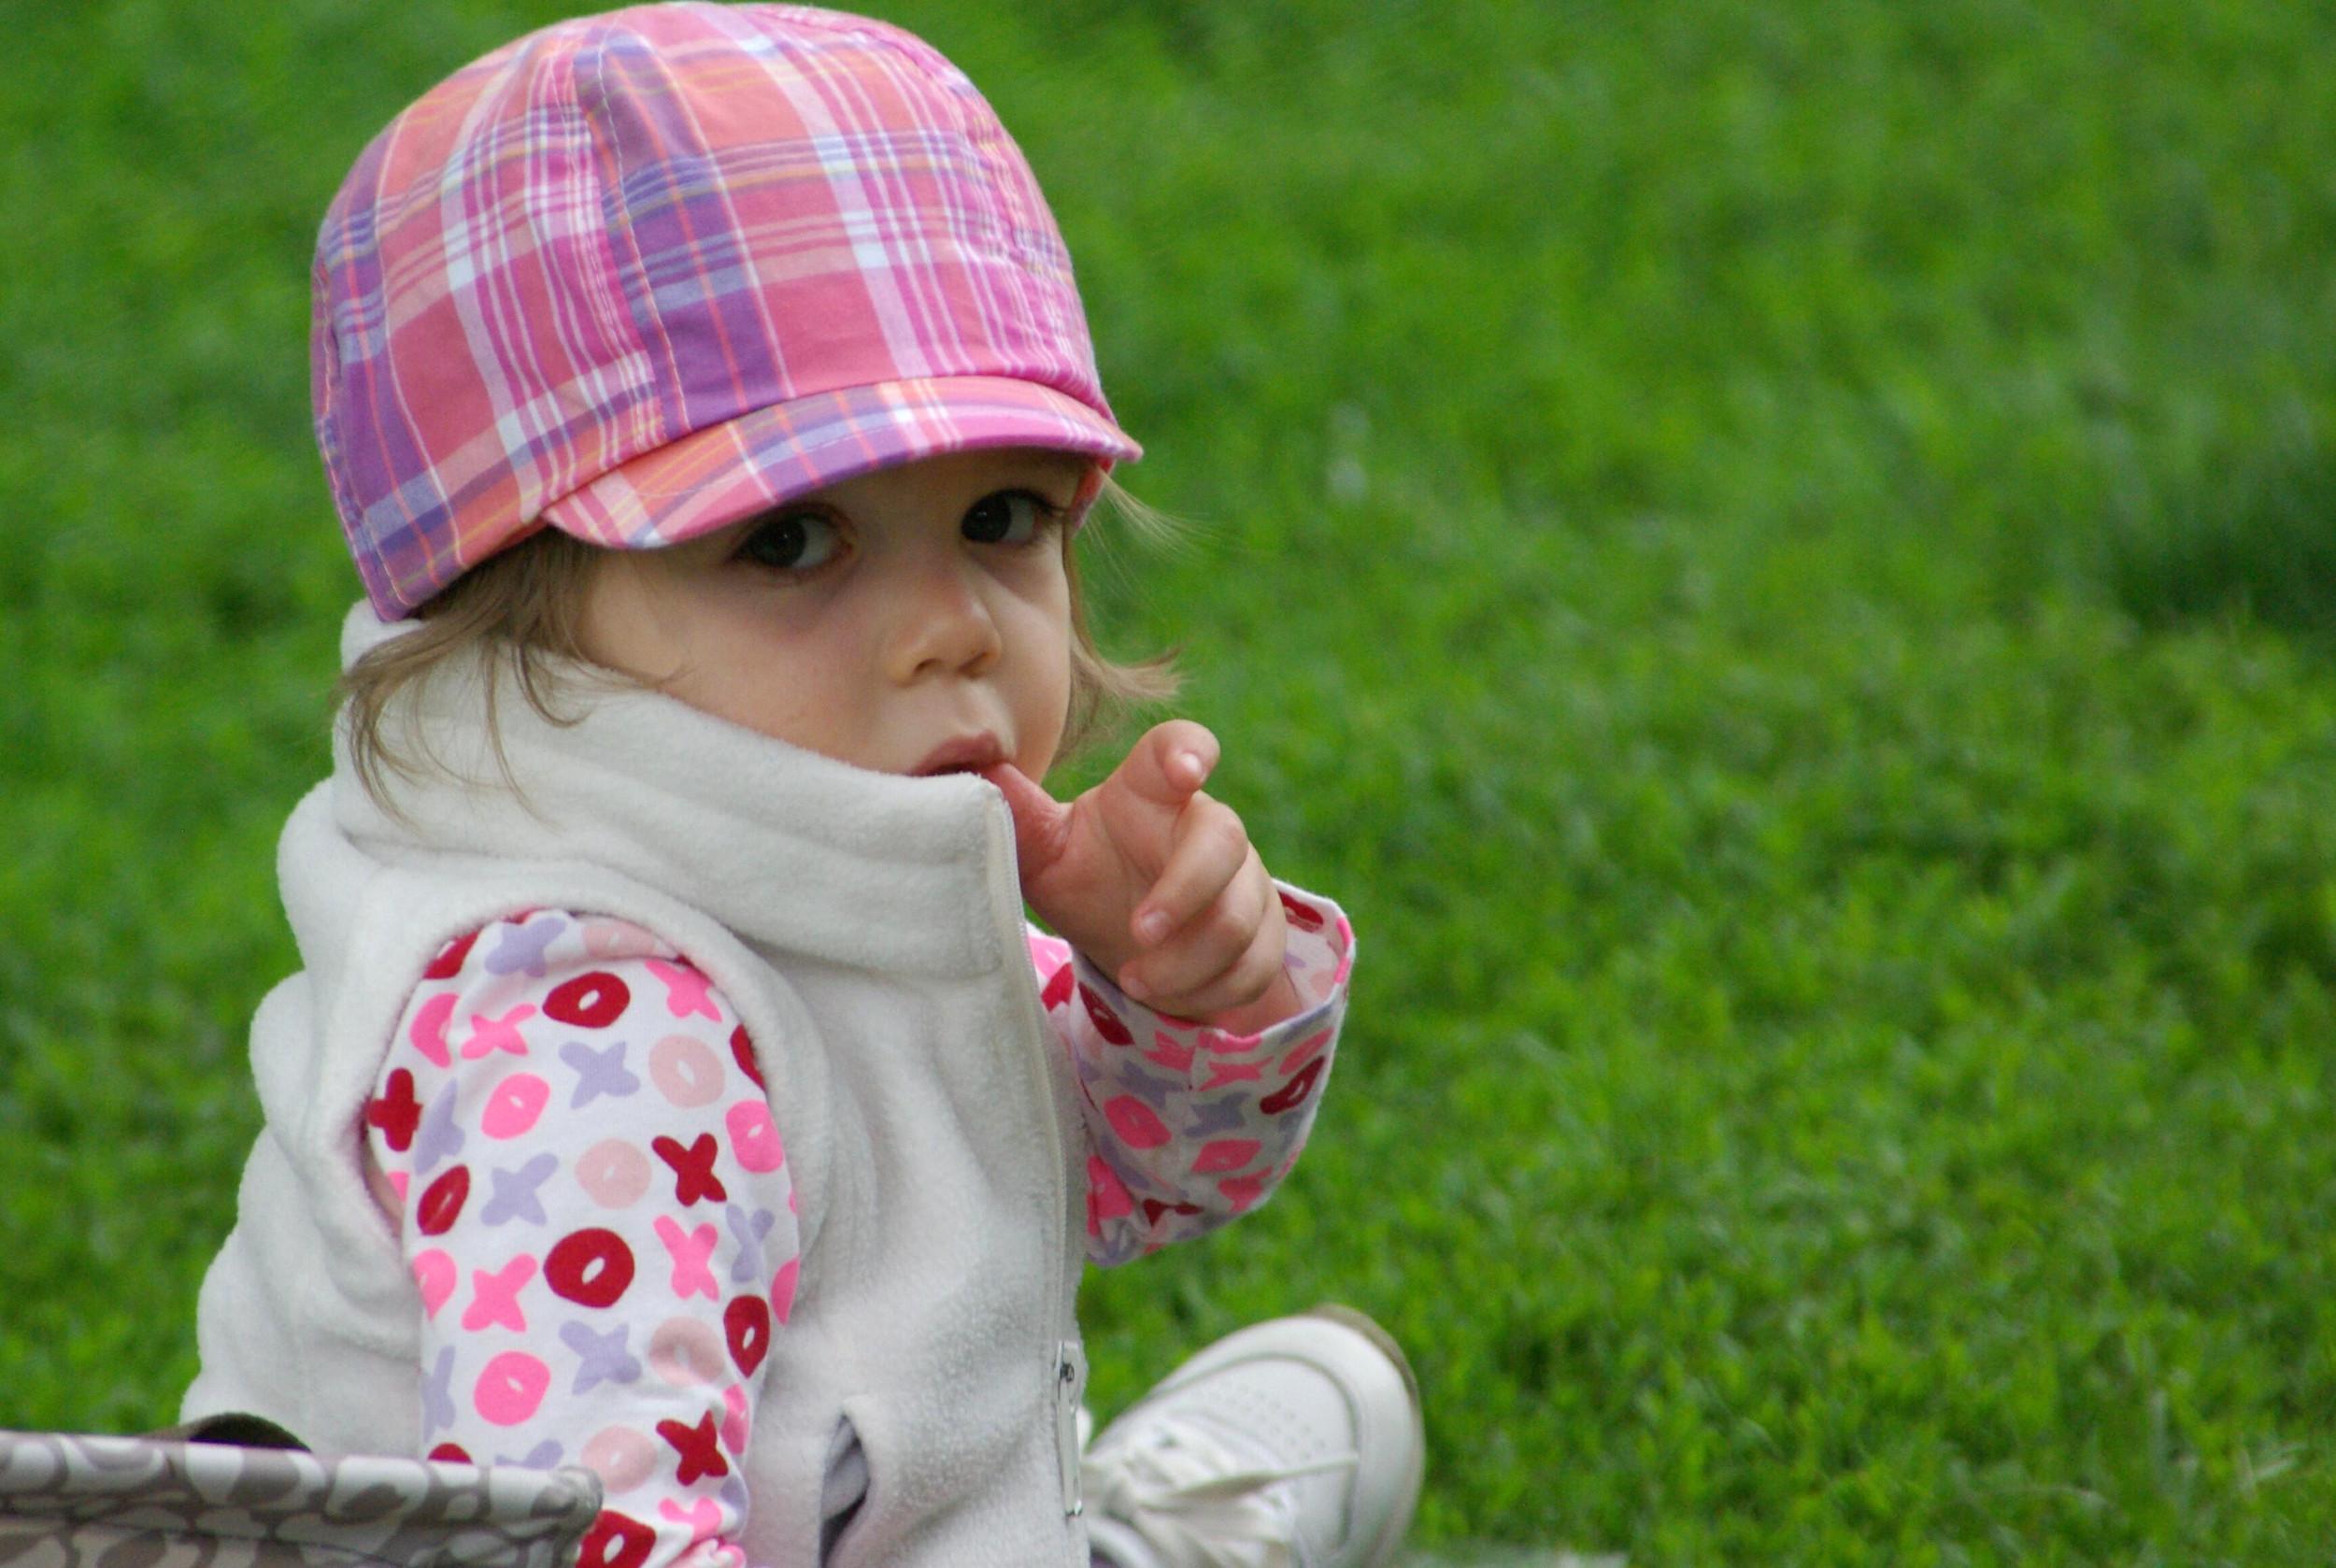 zion-picnic_26475857324_o.jpg